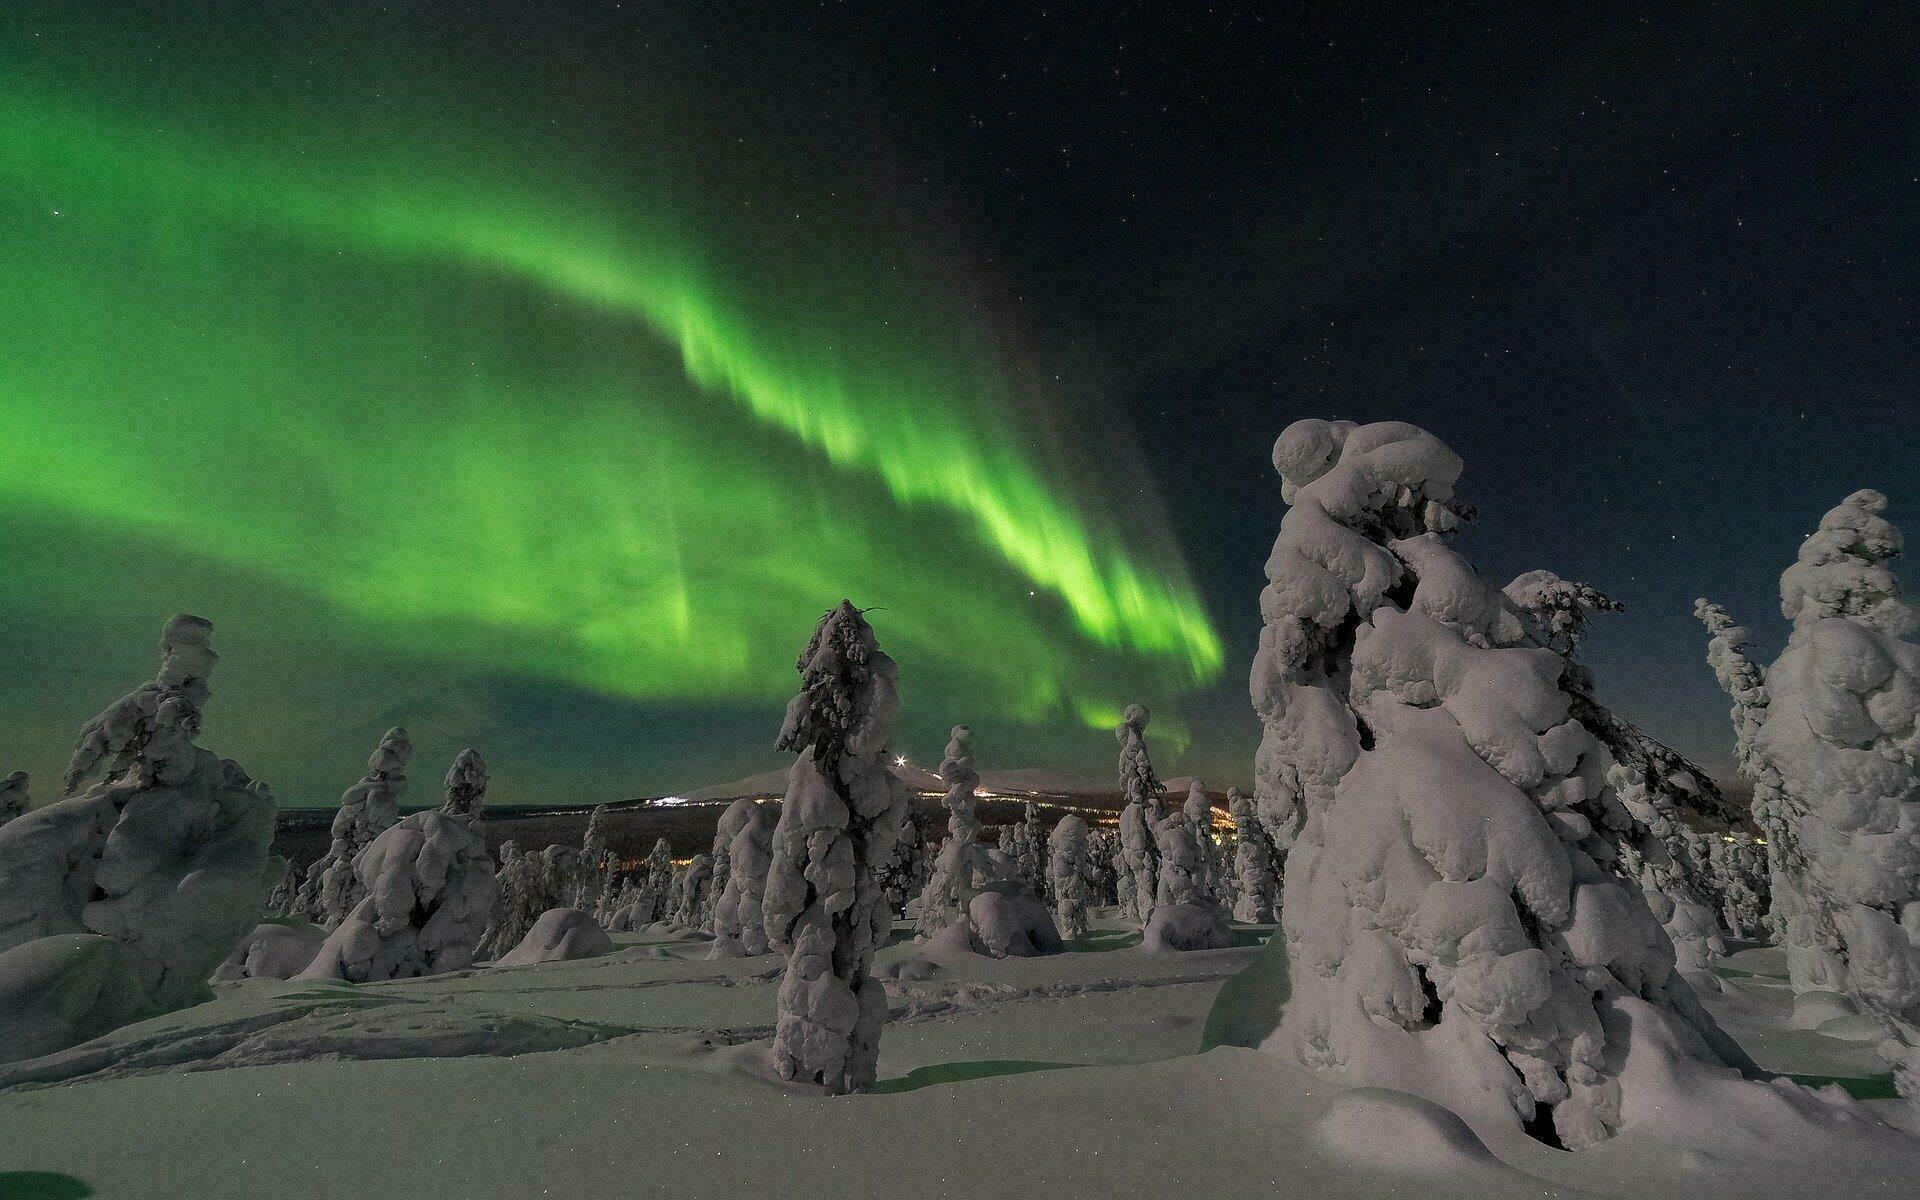 Les fameuses aurores boréales en Laponie finlandaise